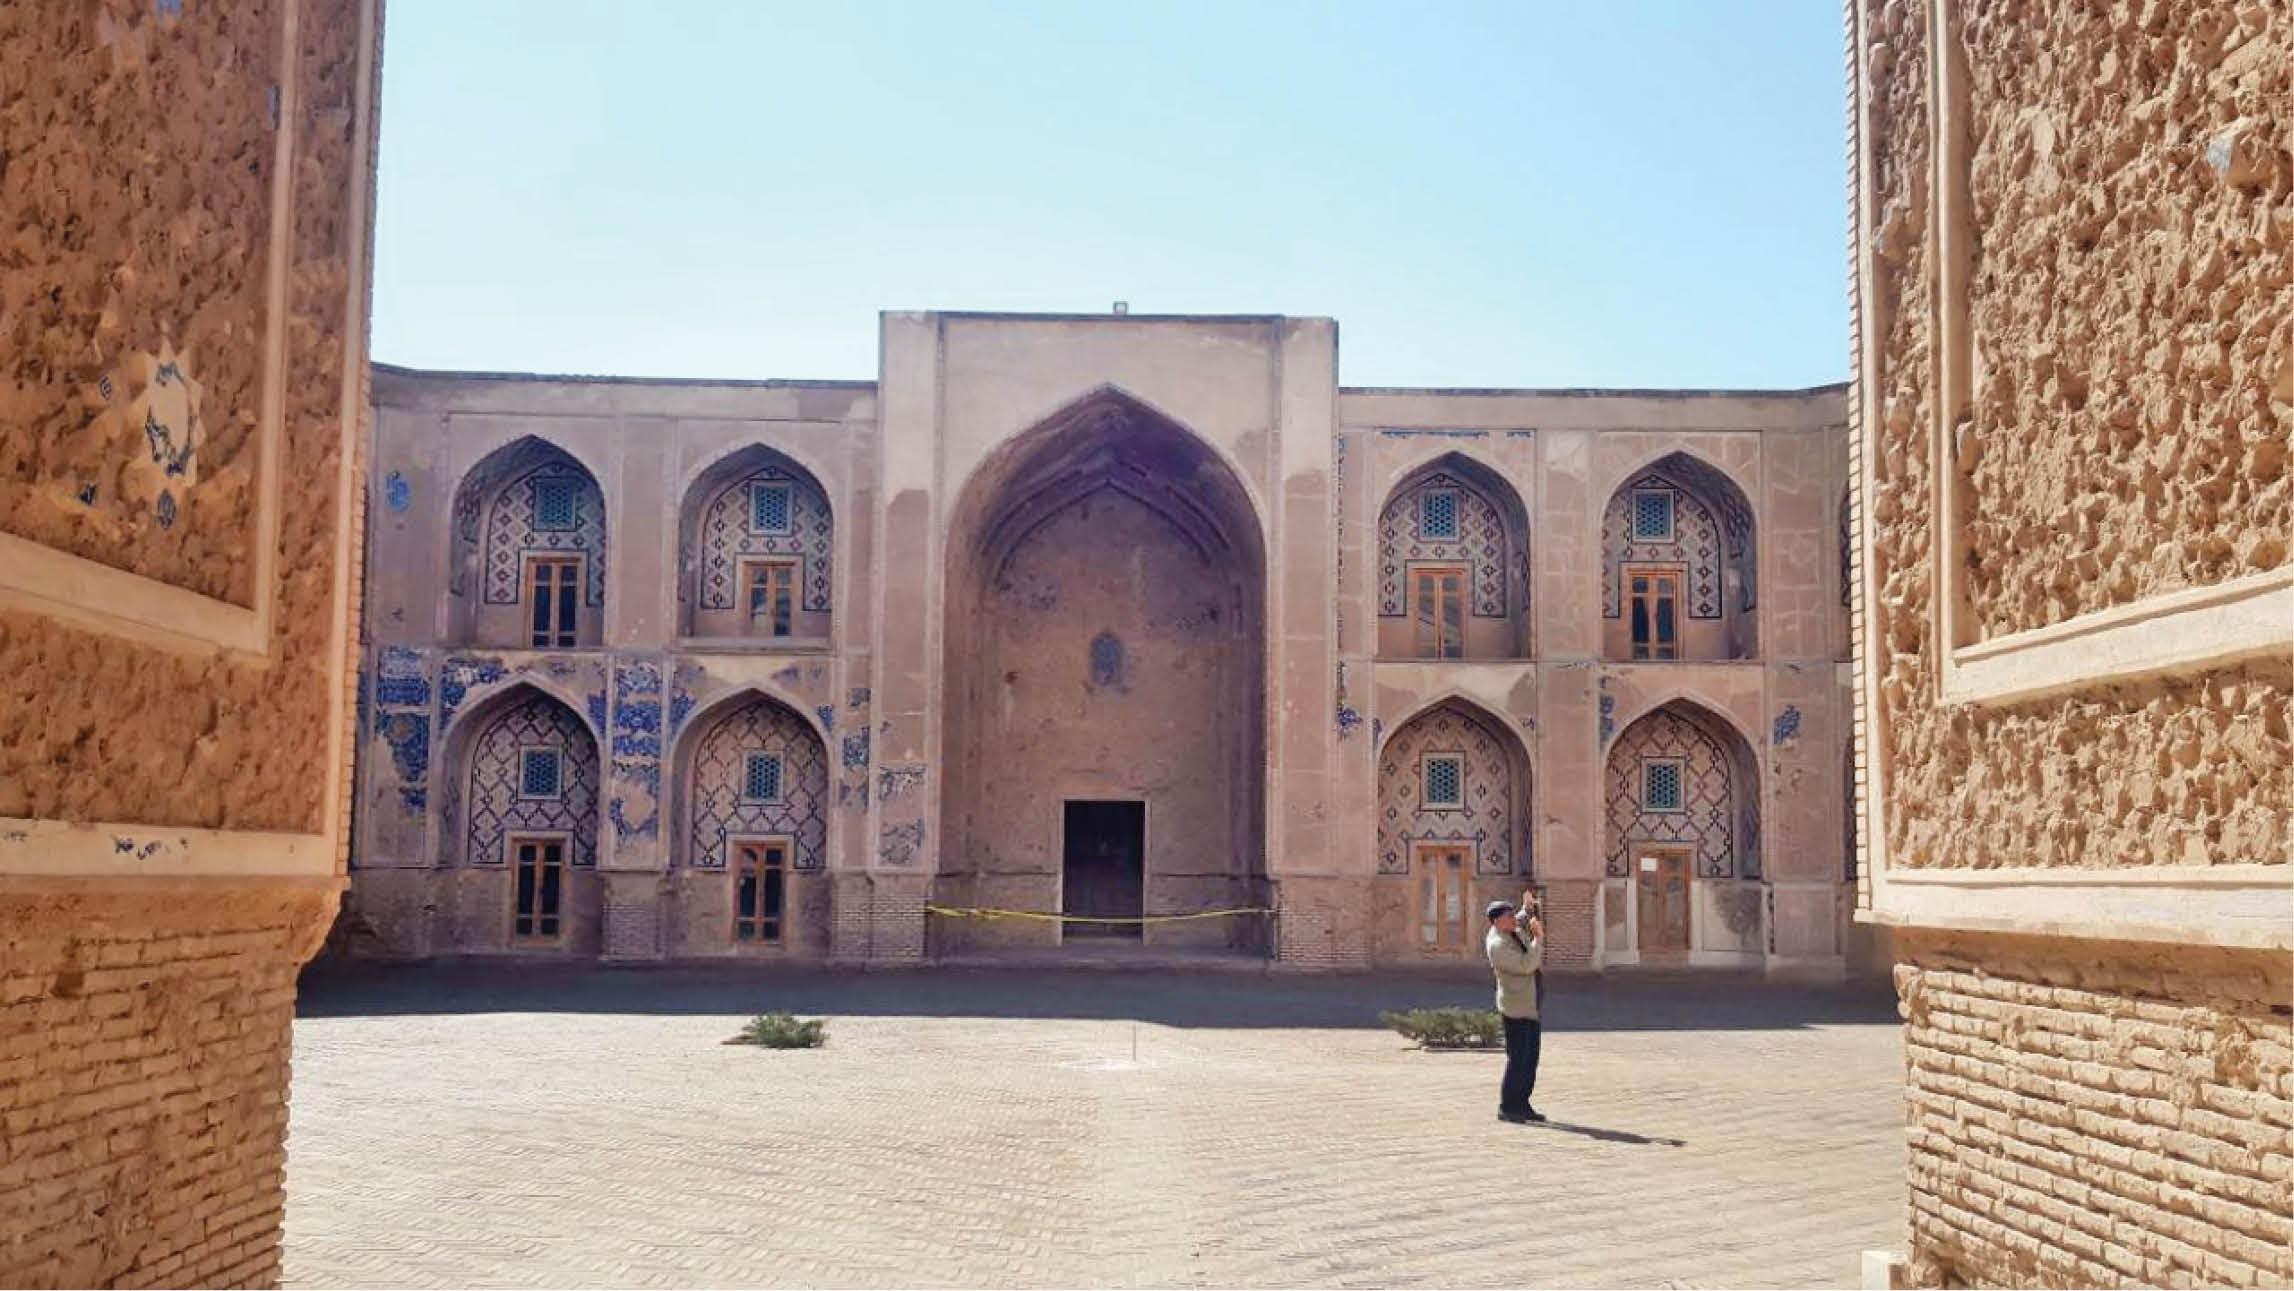 کاشیهای ربودهشده مدرسه غیاثیه سر از موزههای انگلستان و روسیه درآورد